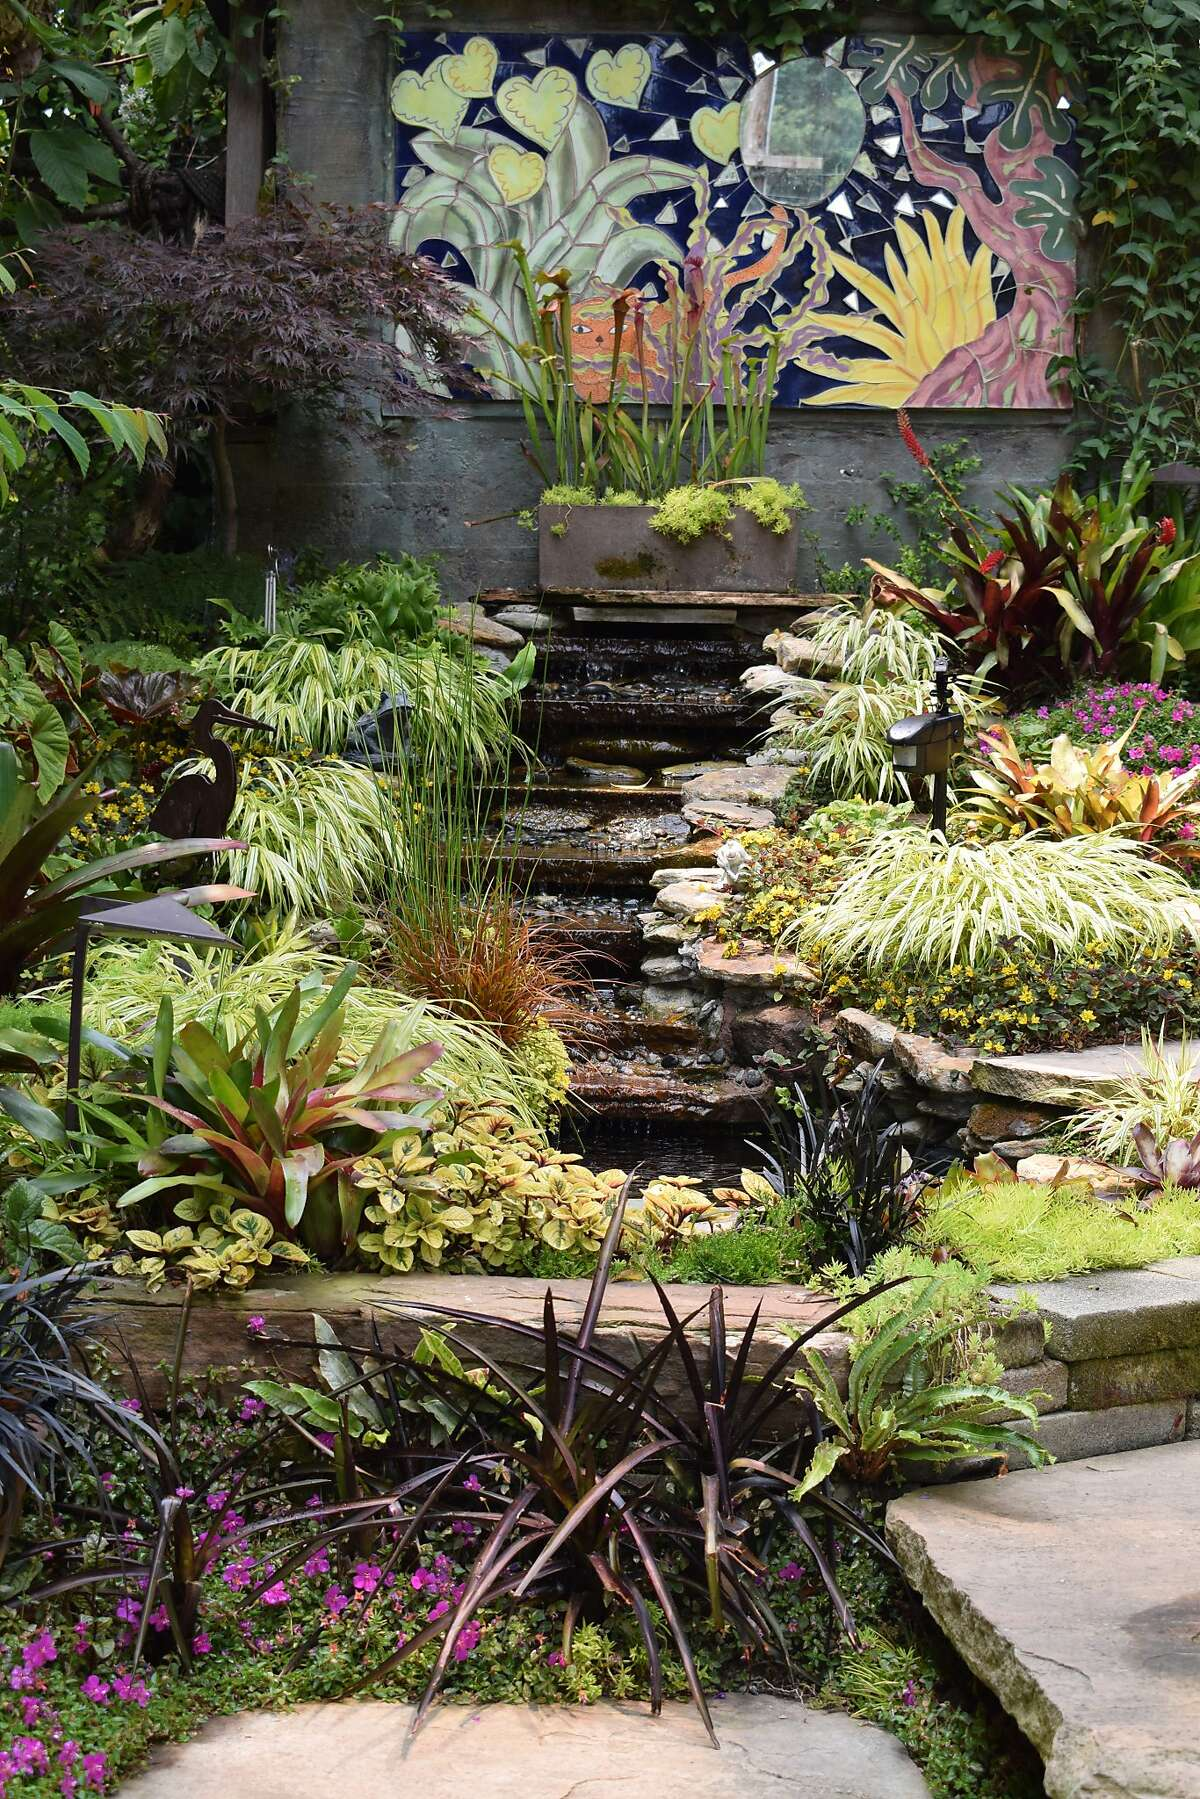 A type of small garden.